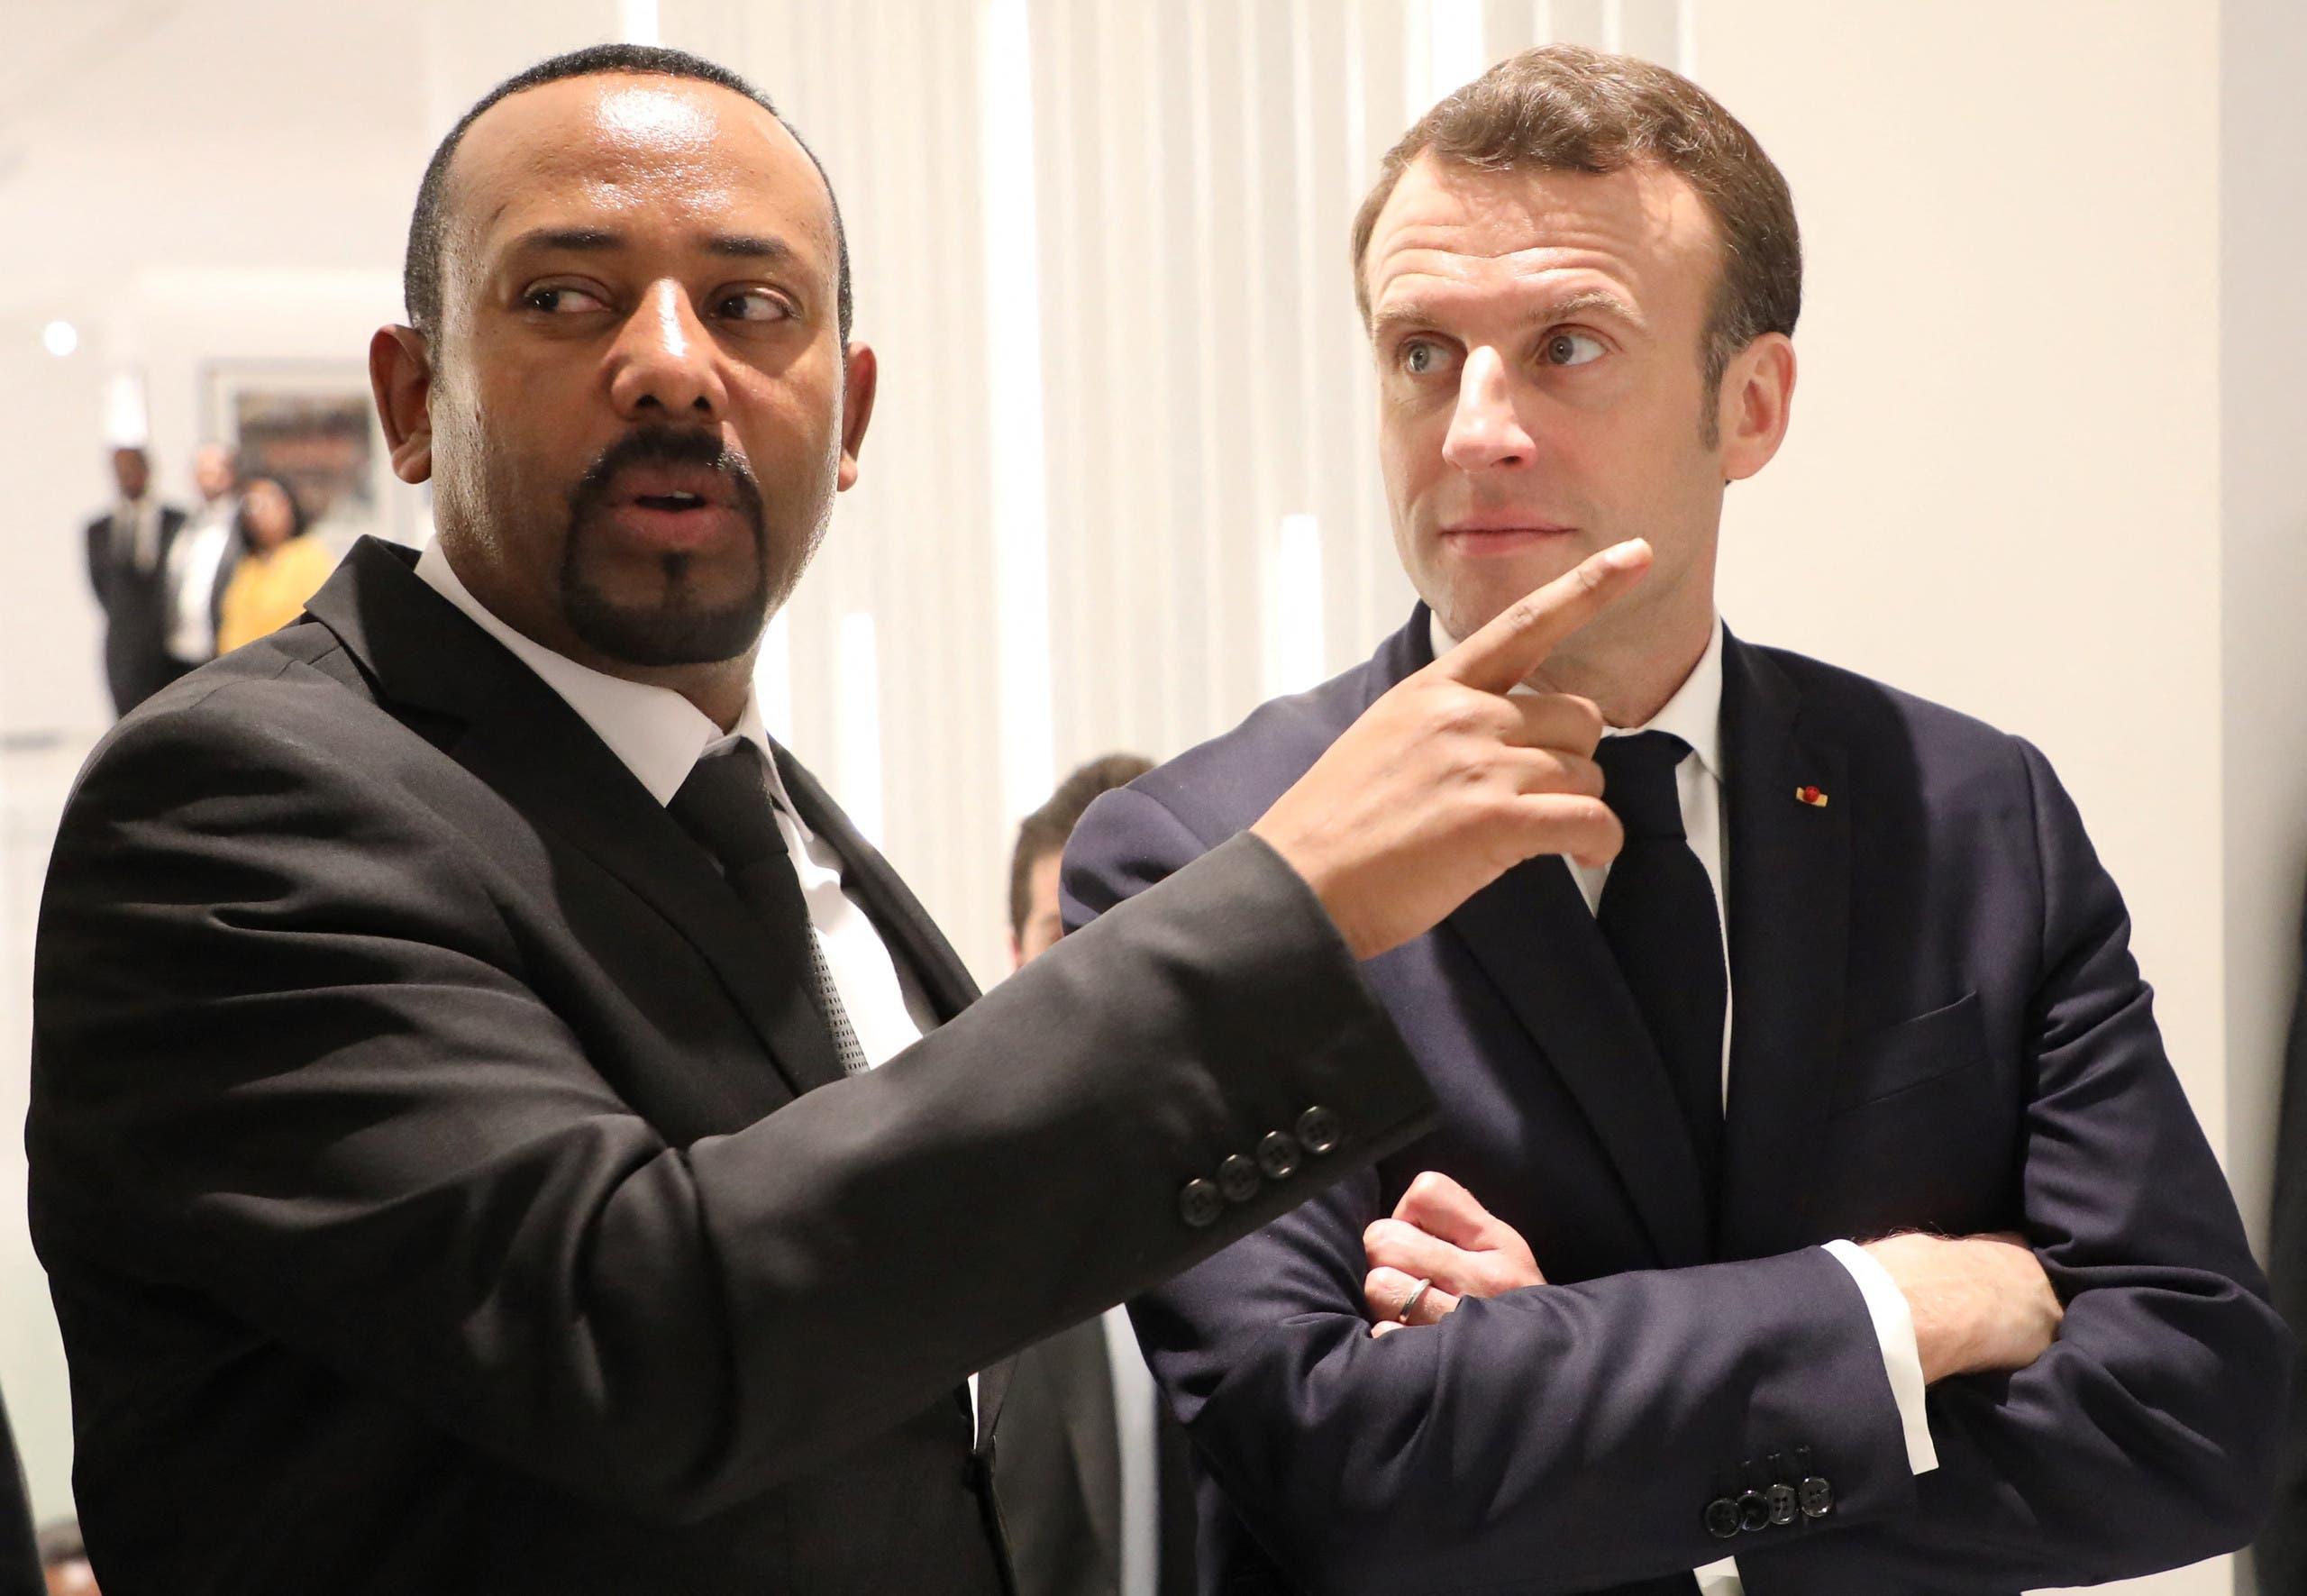 ماكرون مع رئيس الوزراء الإثيوبي أبي أحمد في أديس ابابا في 2019